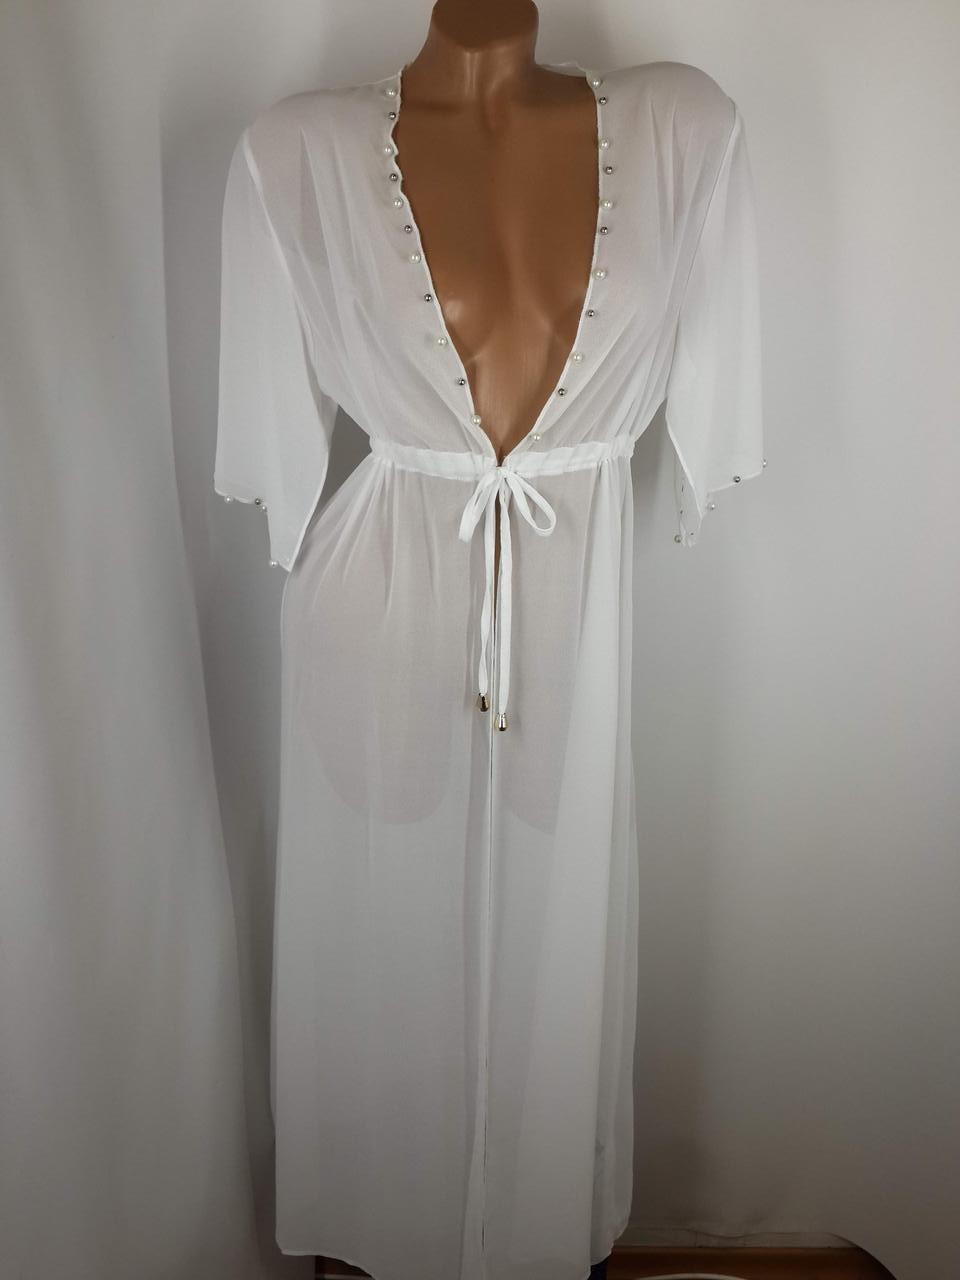 Пляжный халат белый Бусины 1730 на наши 48-50 размеры.